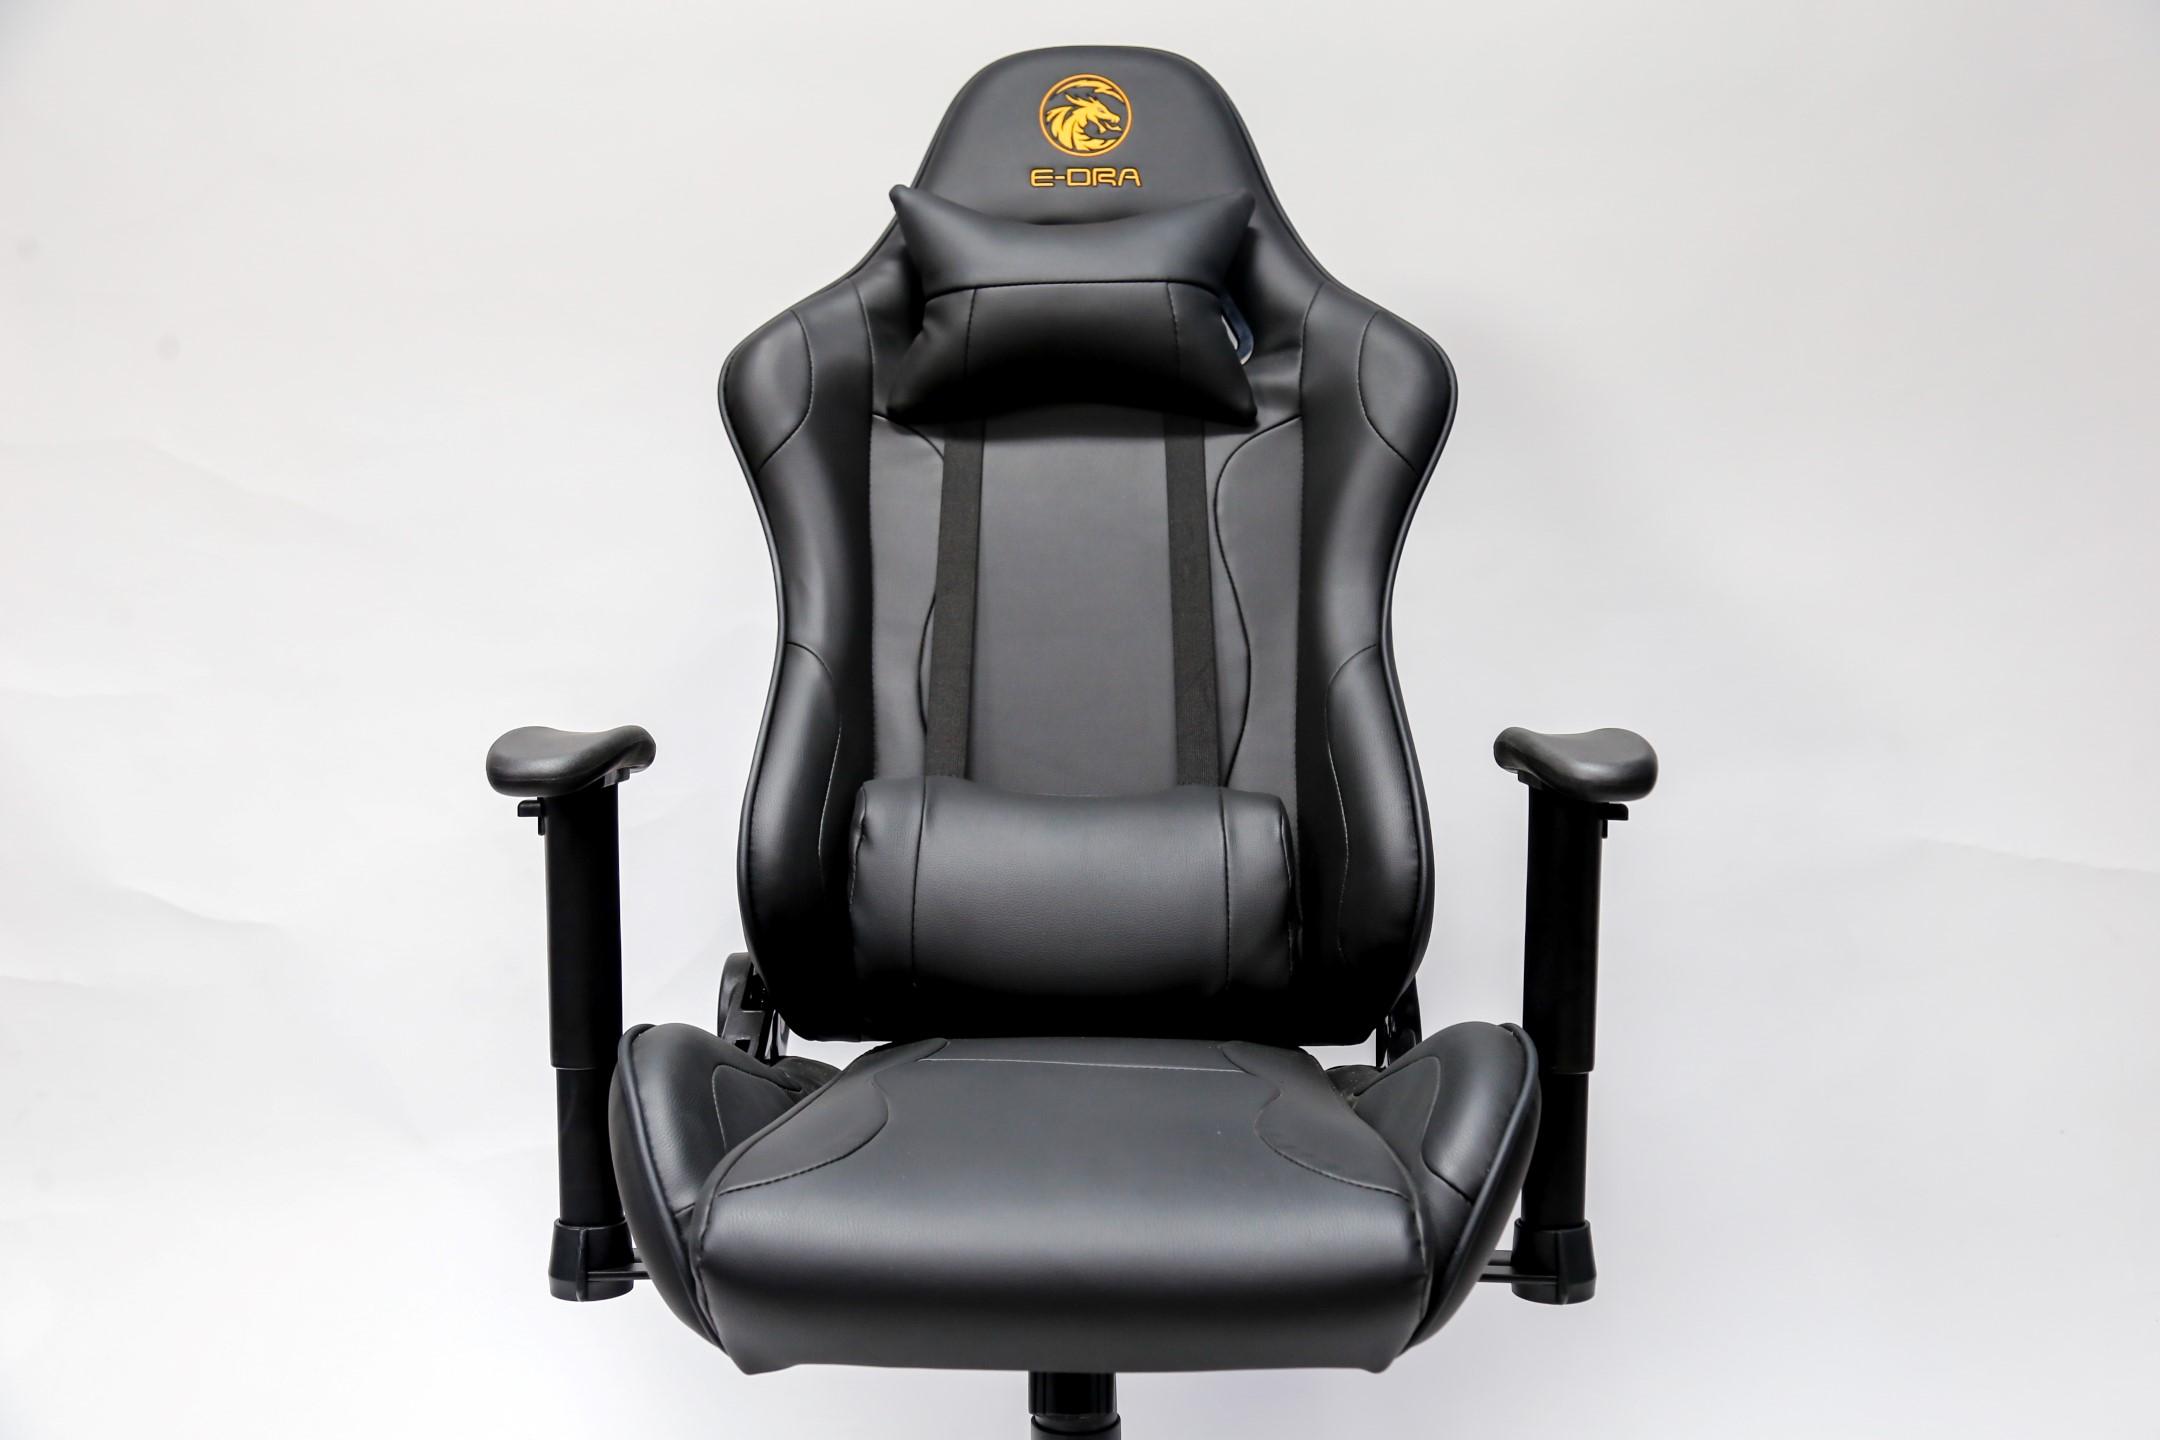 Ghế Game Edra Mars EGC202 Black/Green có thiết kế đầy đủ tính năng